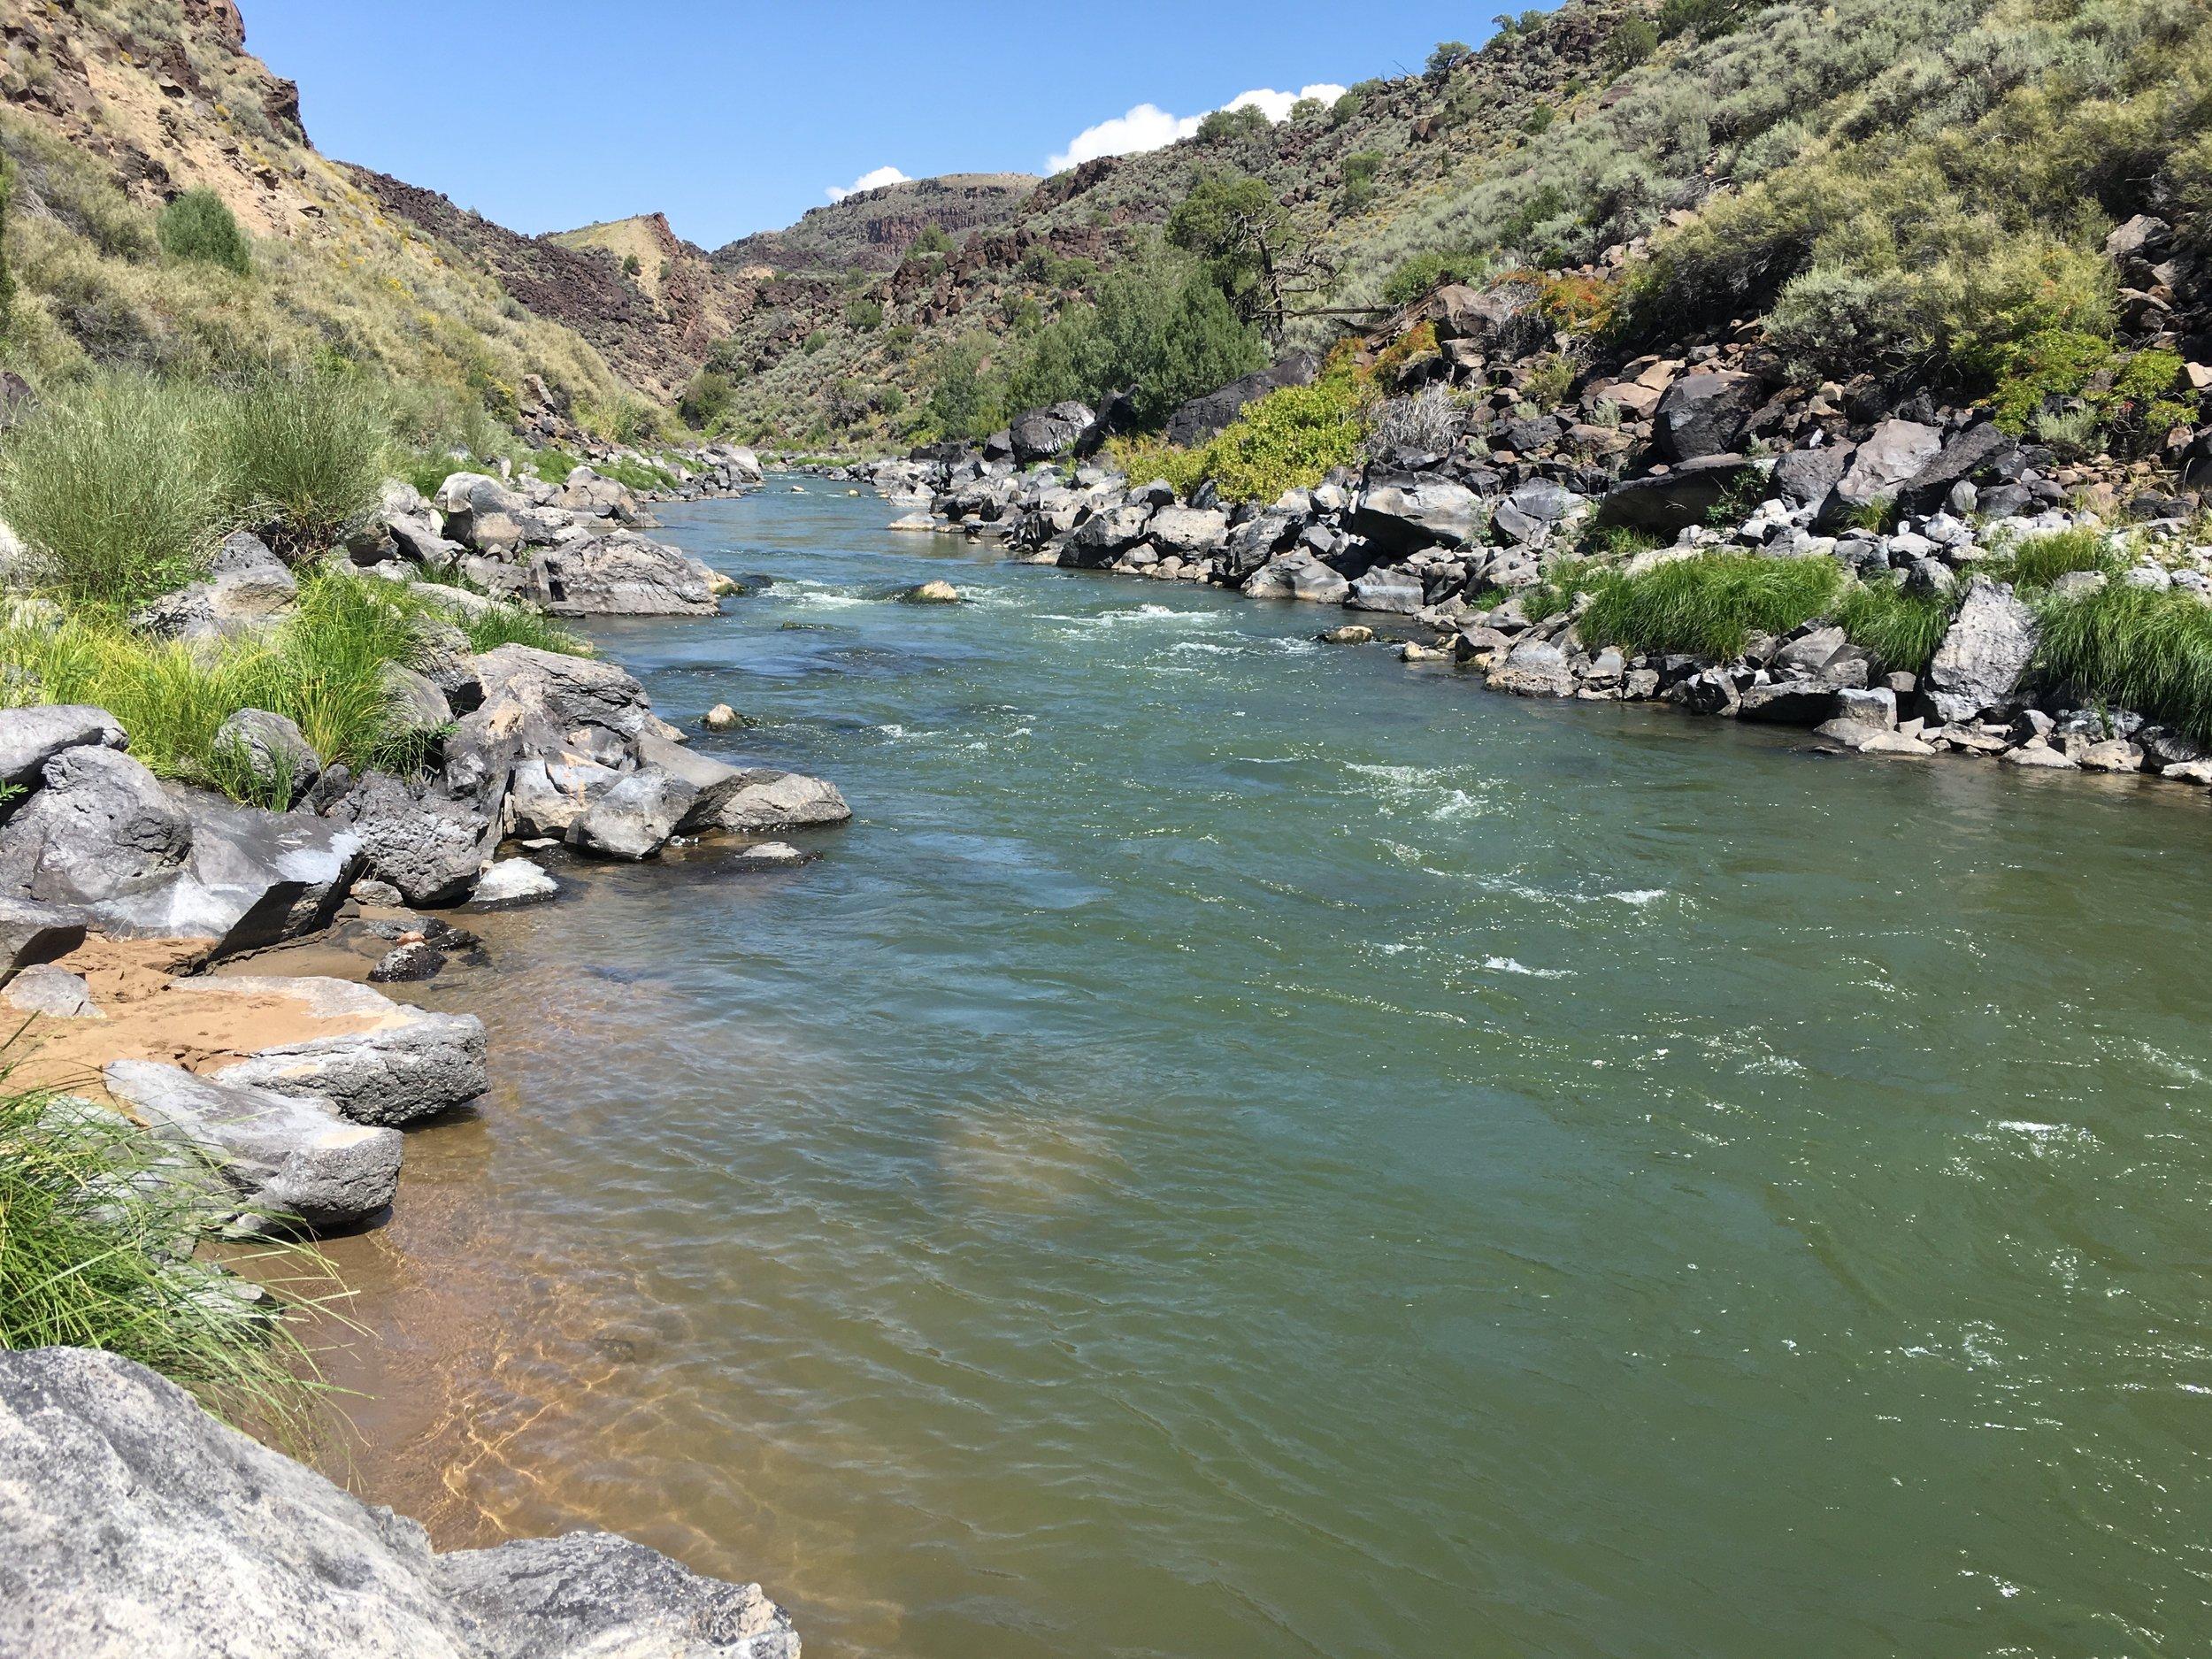 Rio Grande in the Lower Taos Box